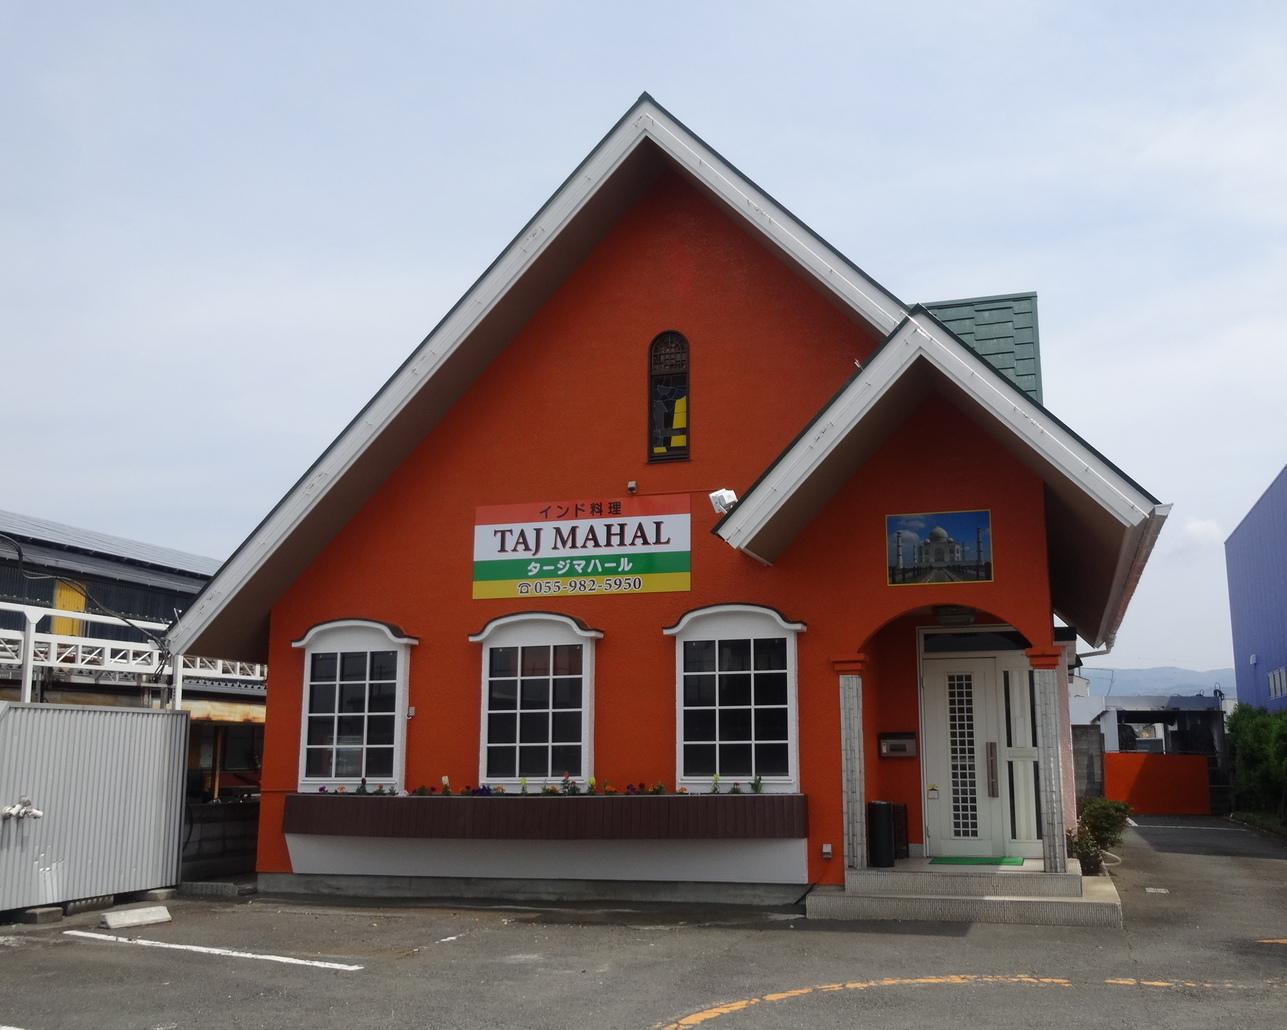 タージマハール 梅名店